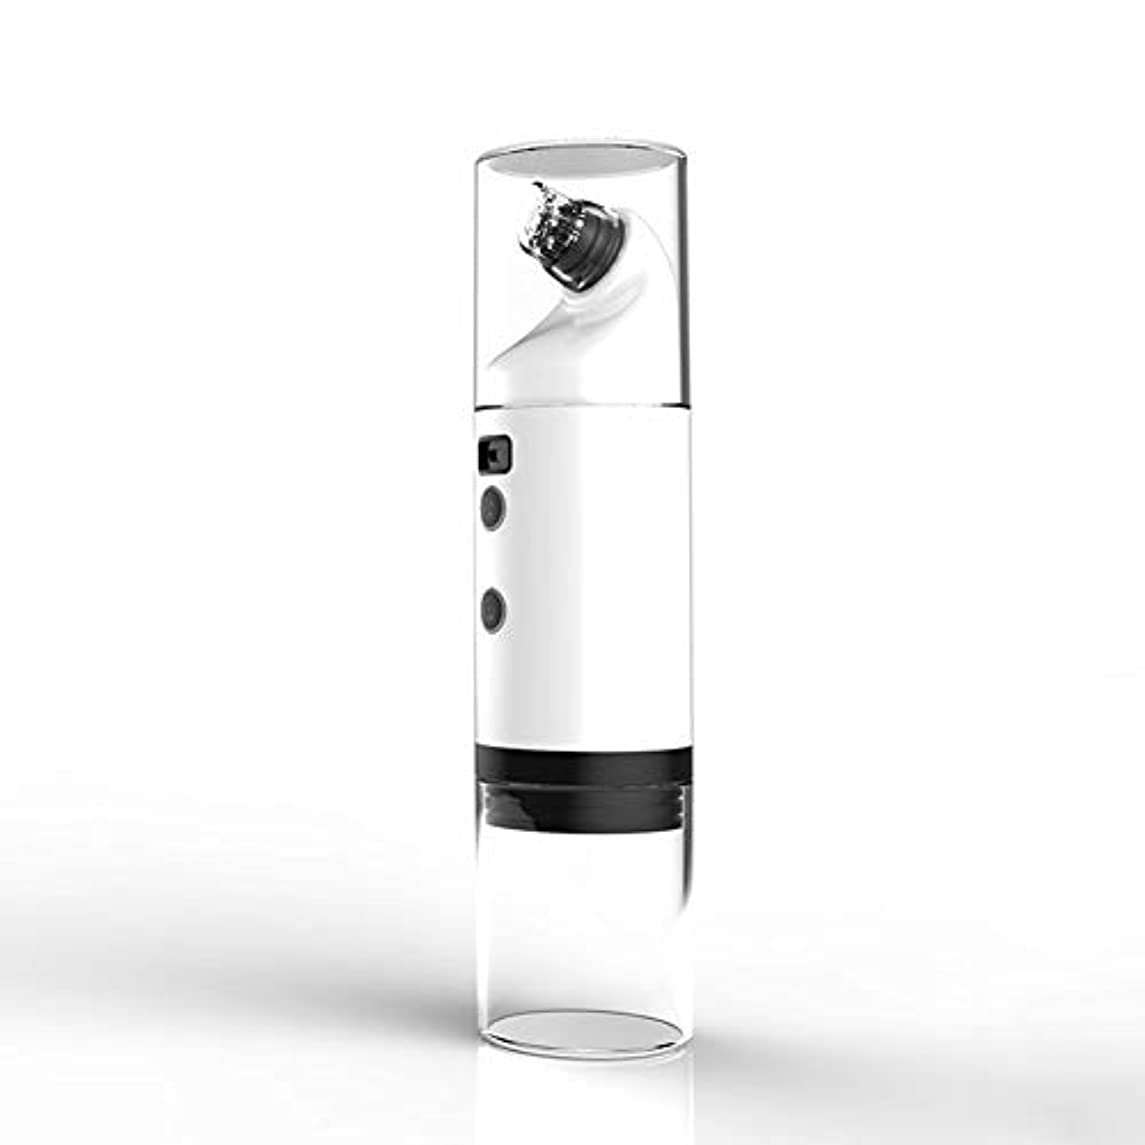 にきび楽器、電気吸引にきび世帯、毛穴クリーニング小さな泡美容器具、、フェイス鼻のためのLEDディスプレイと充電式USBおでこホワイトヘッドクリーン